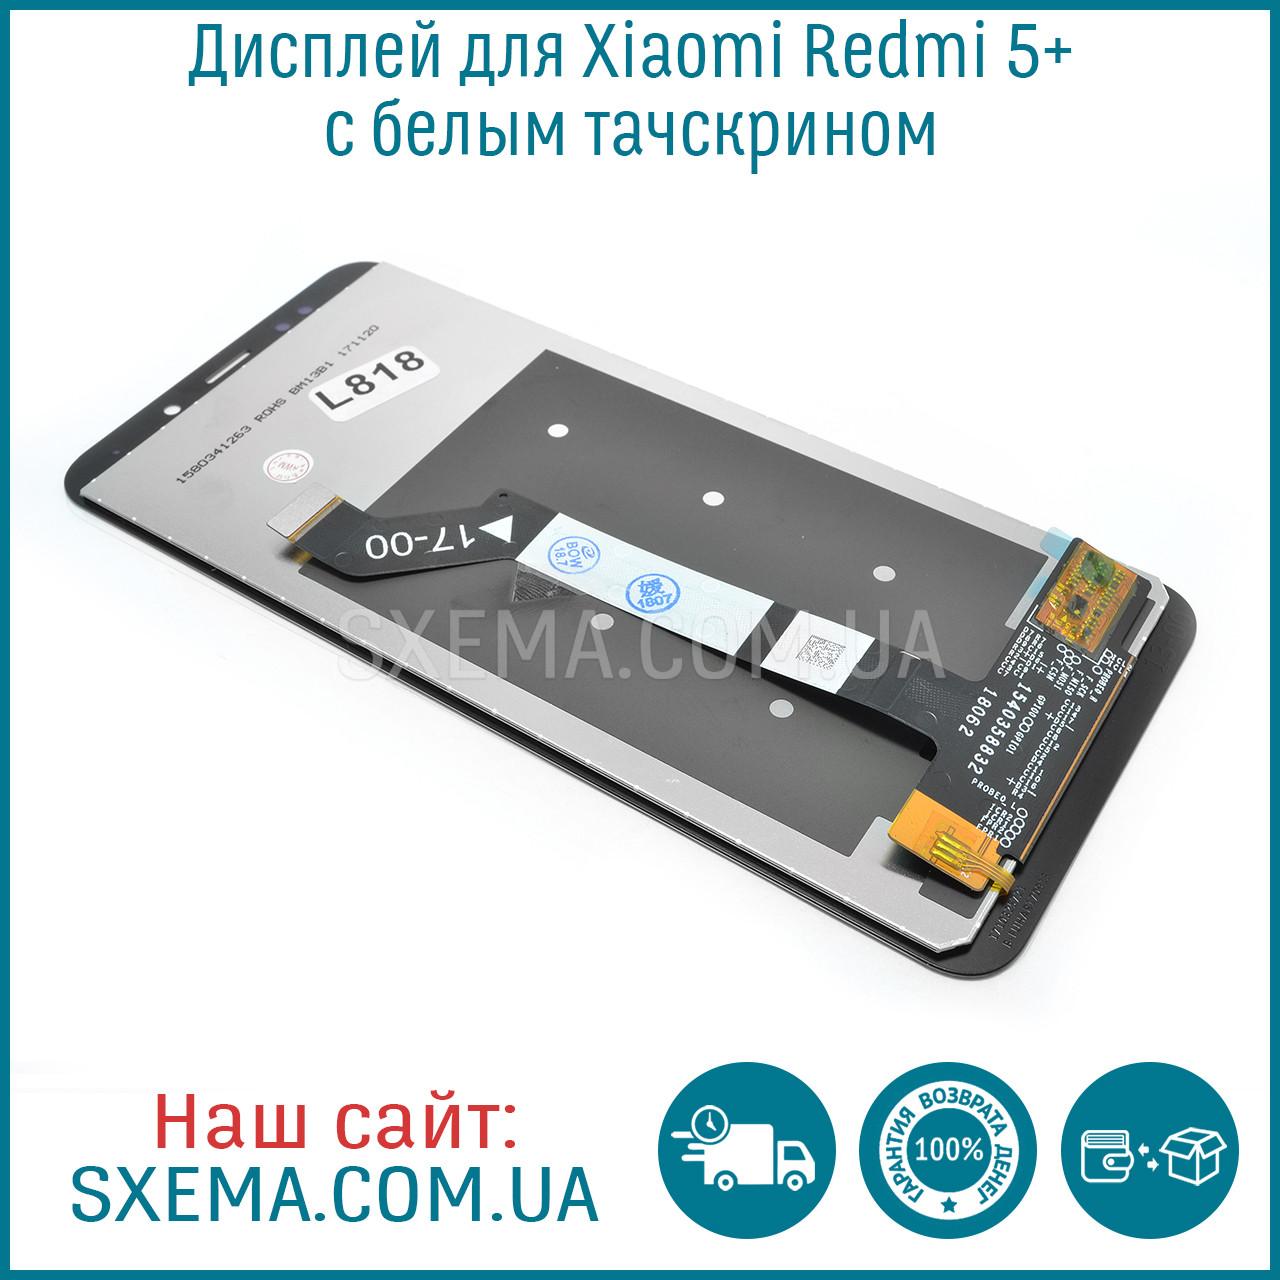 Дисплей для Xiaomi Redmi 5 plus оригинал с белым тачскрином